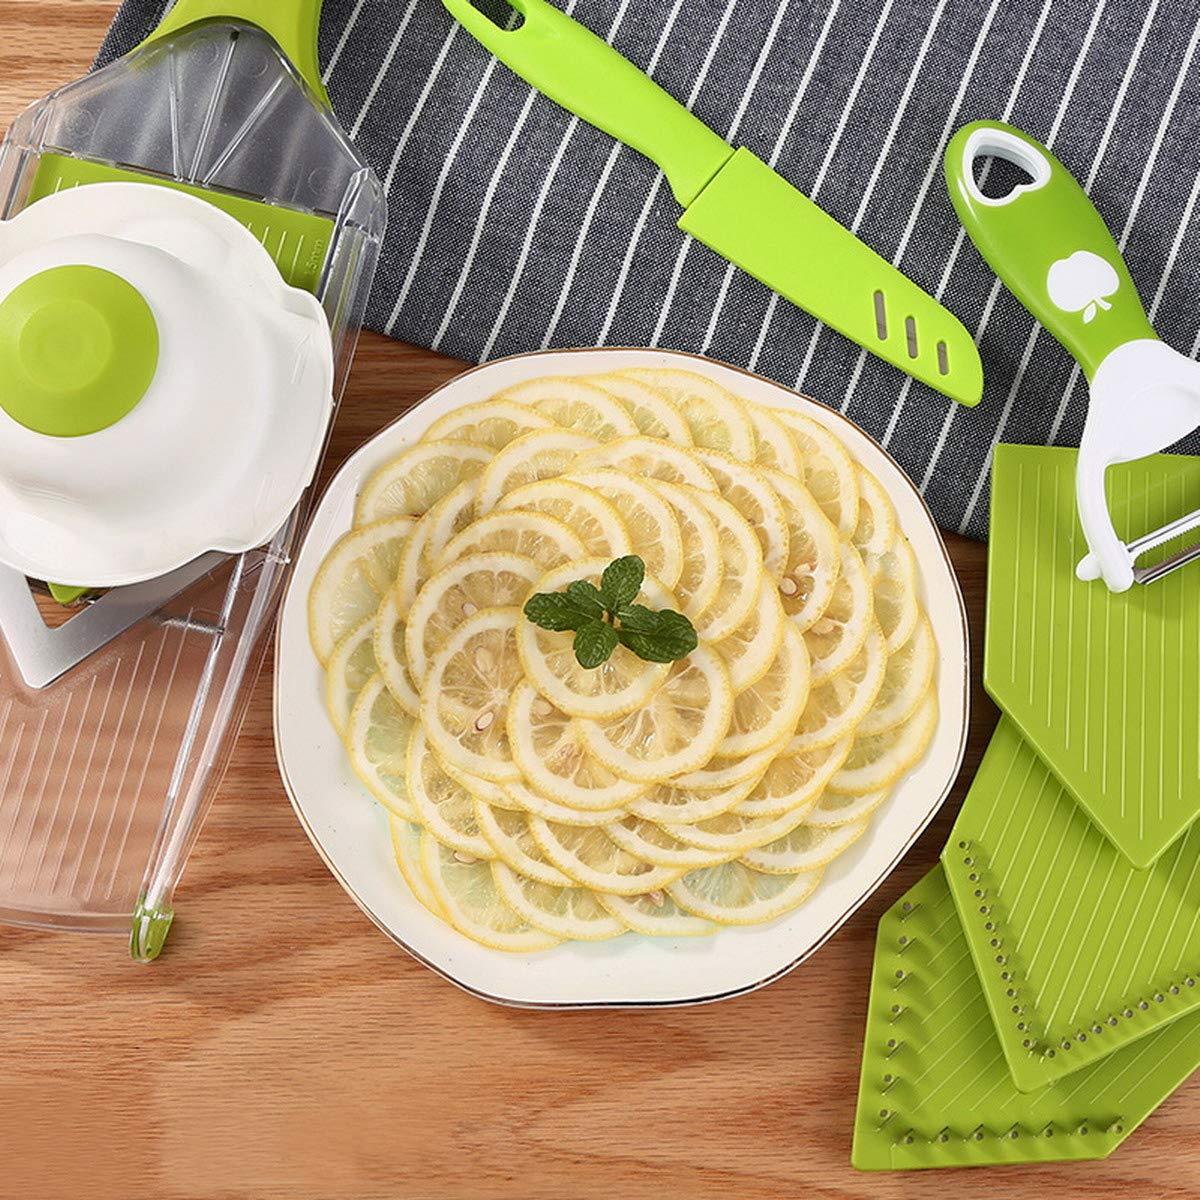 mit 4 V-Blade Klingen Perfekter Küchenhelfer Ideal Zum Hobeln von Obst und Gemüse ACMEDE Gemüsehobel/Küchenhobel